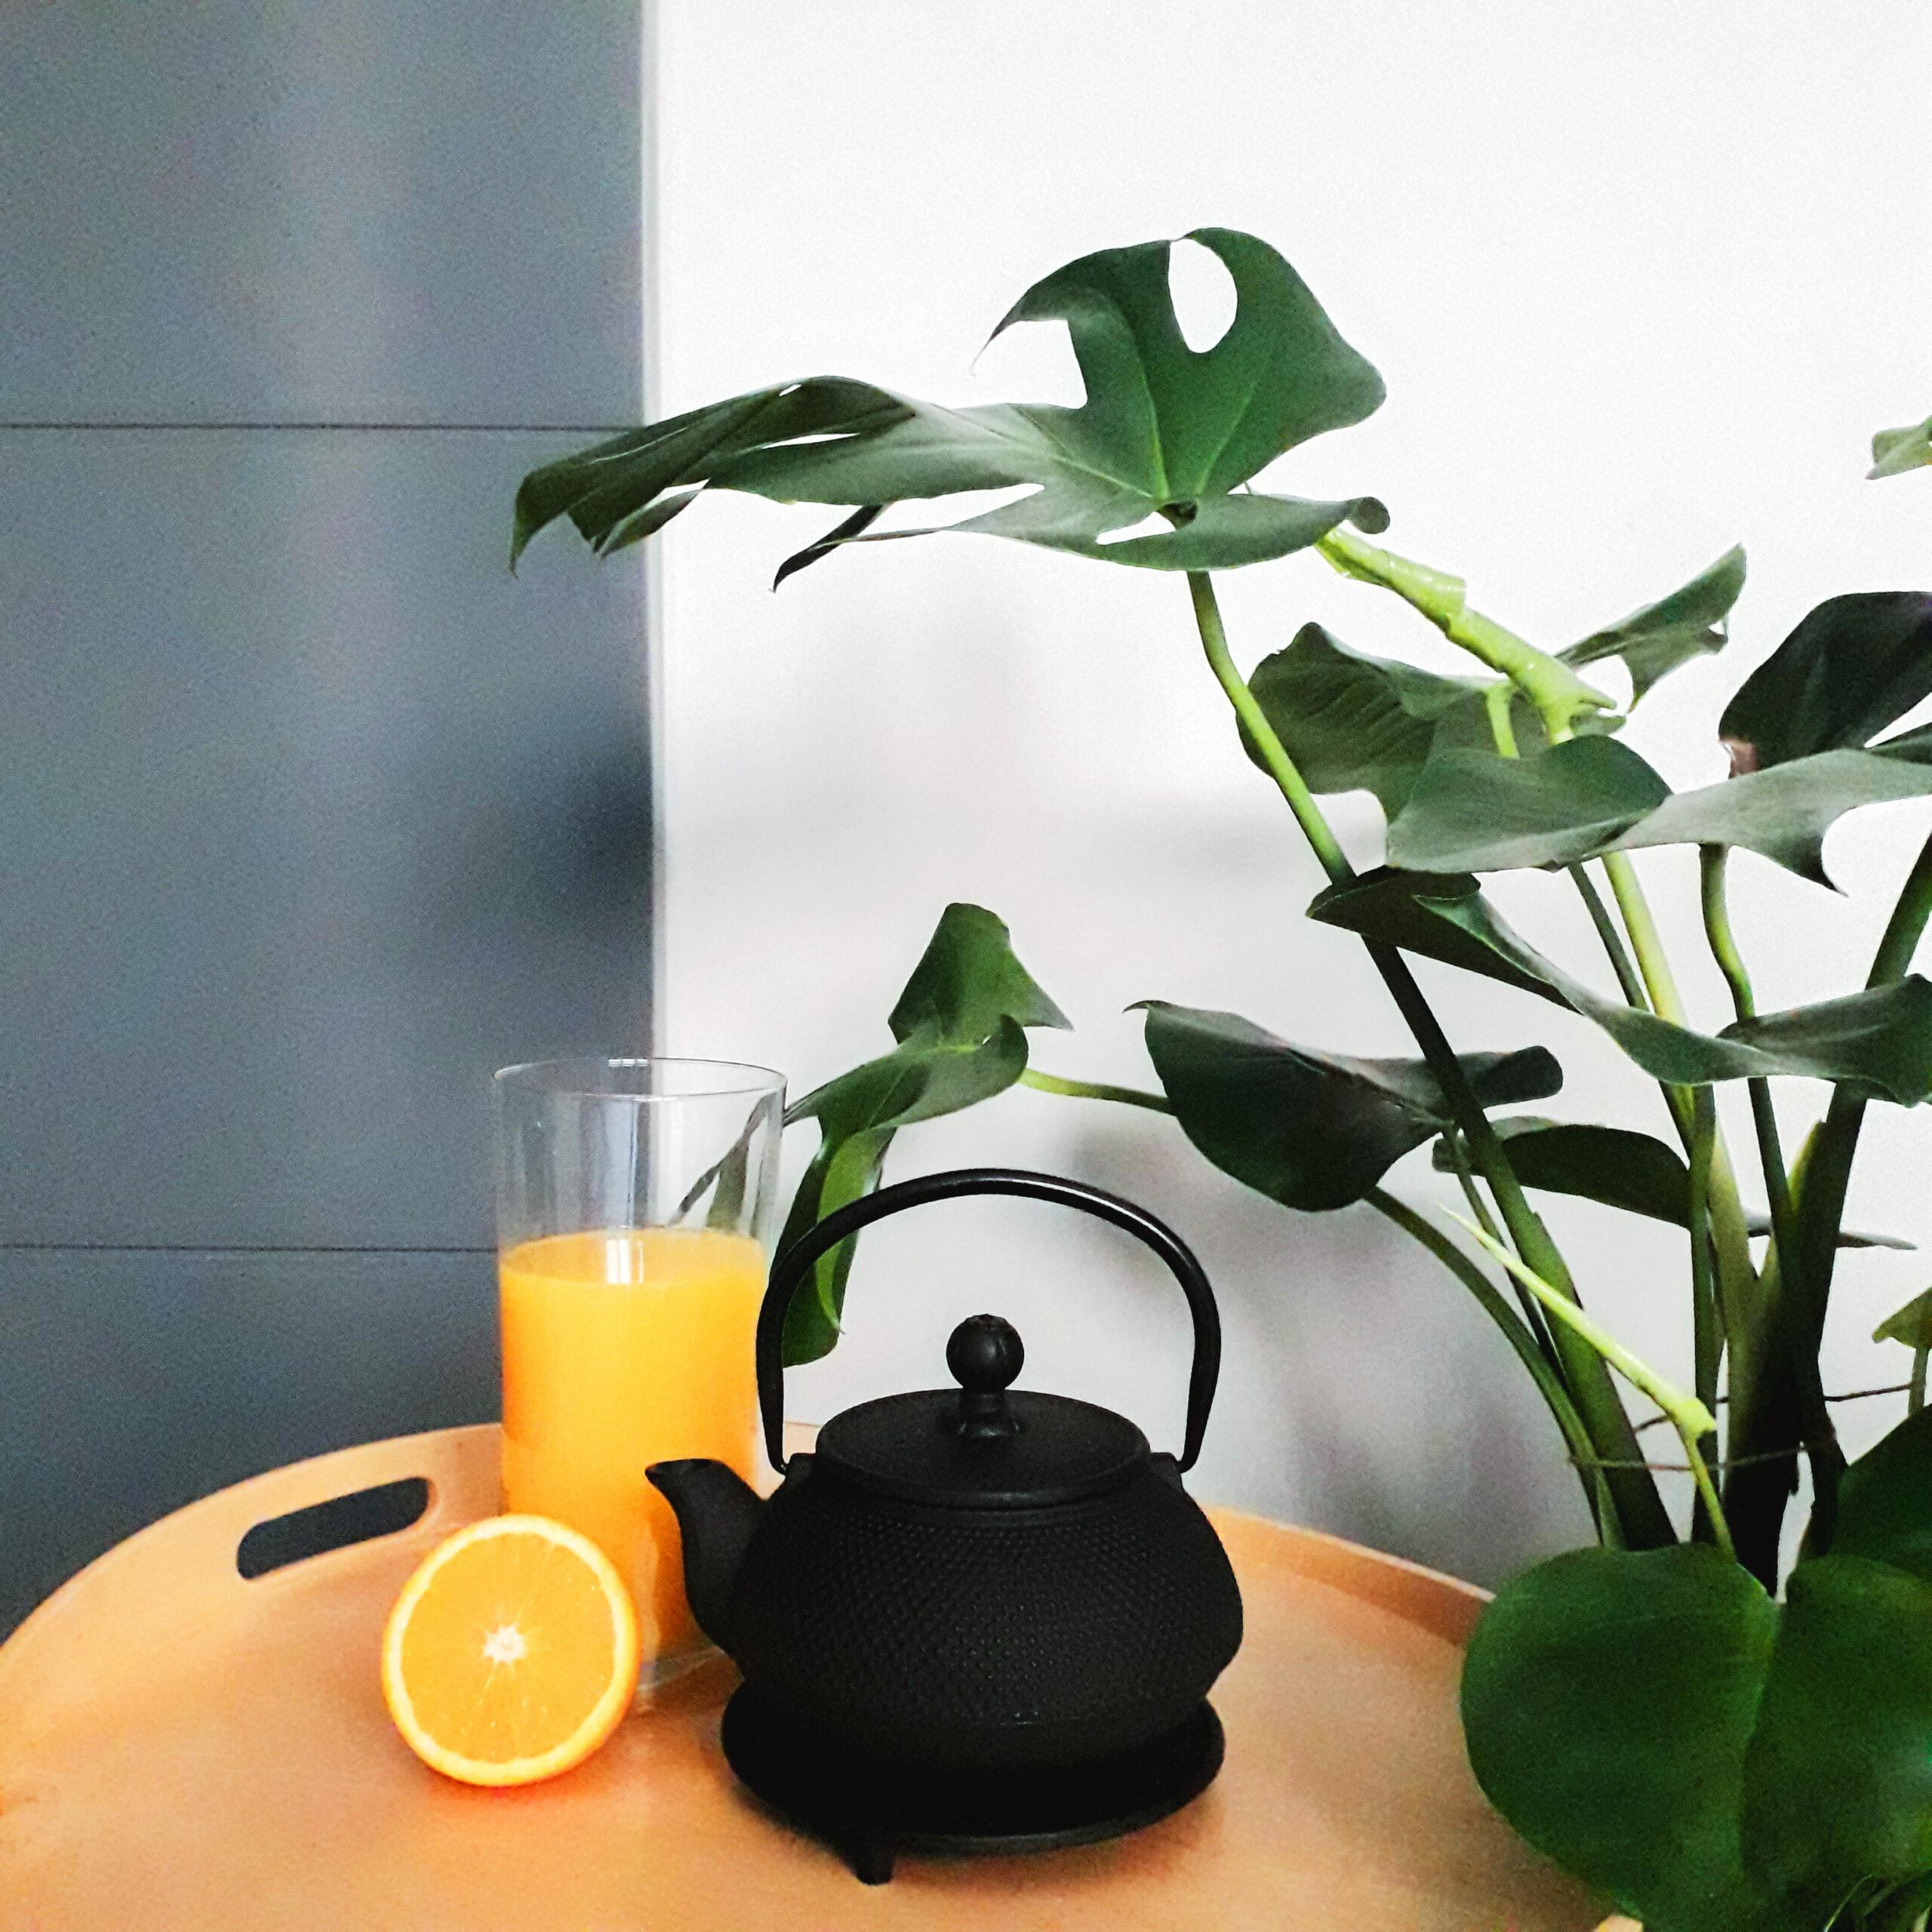 casa saludable - elementos naturales